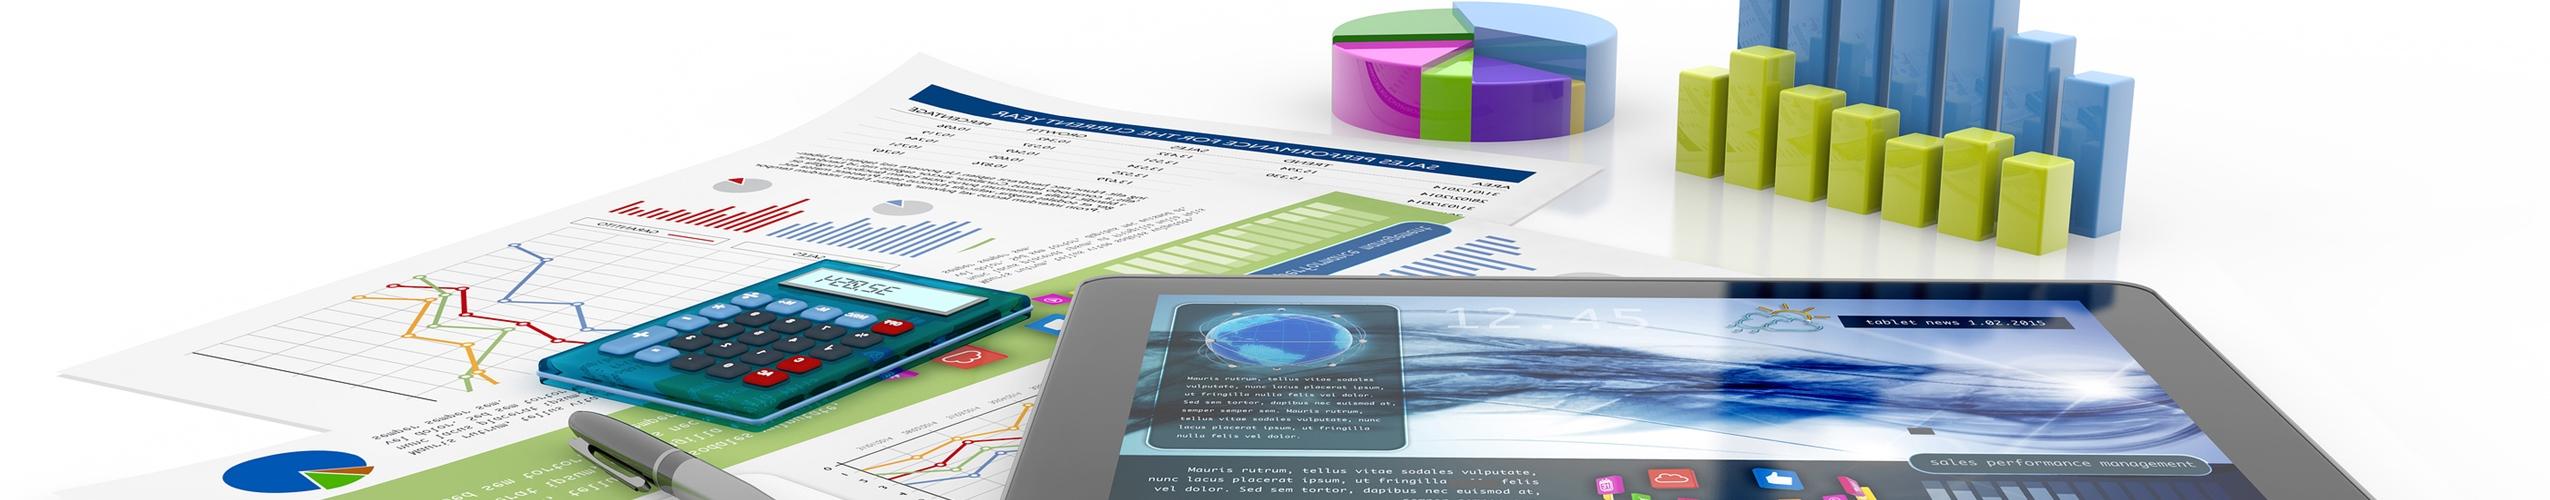 Forum_revizija_računovodstvo